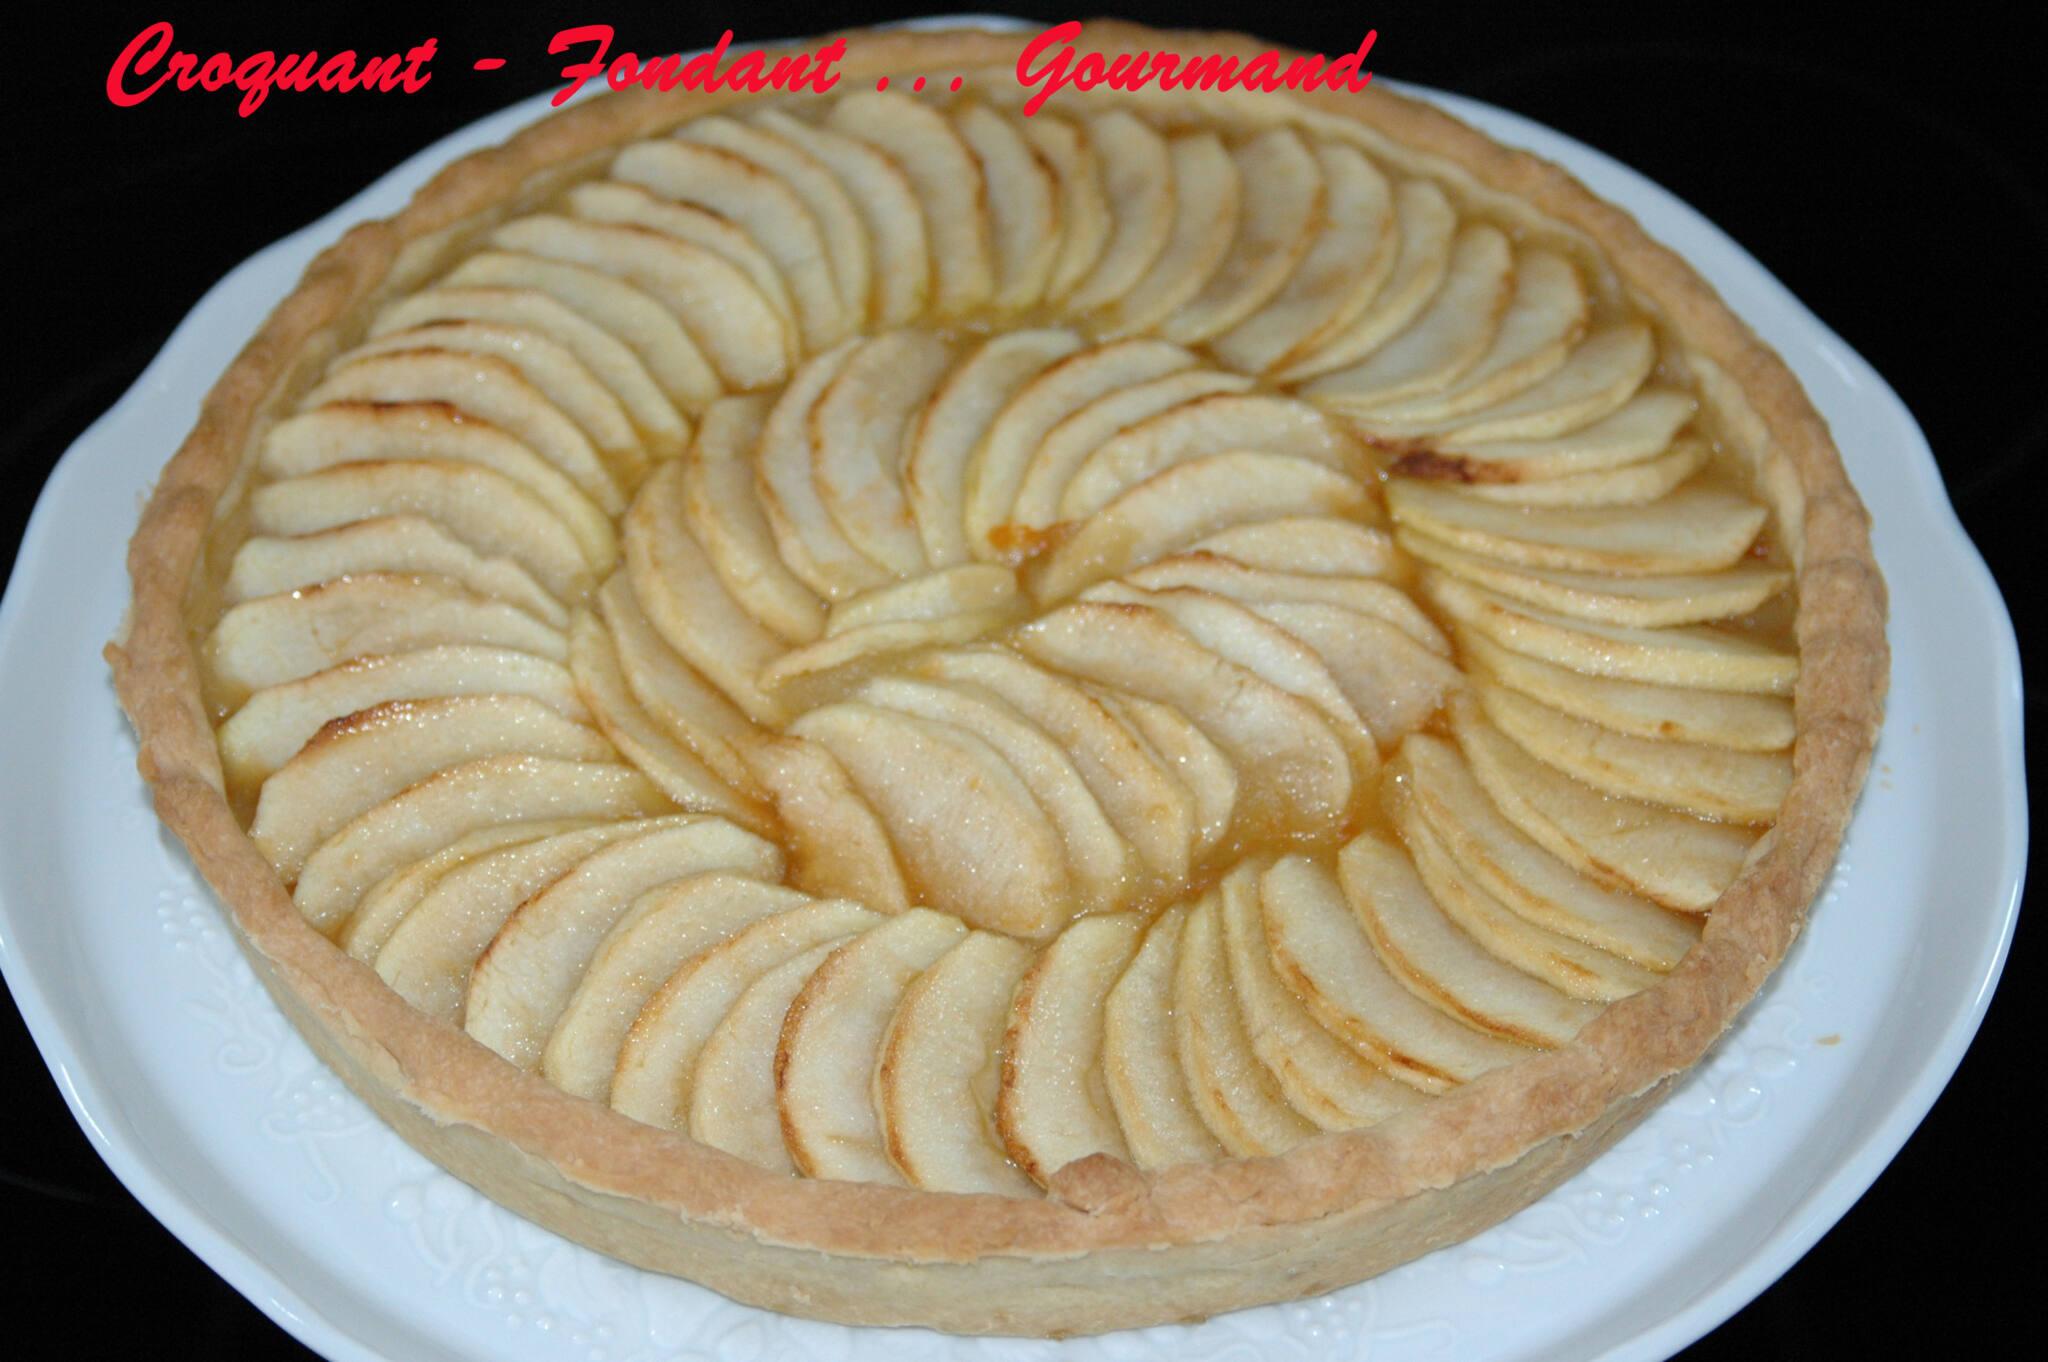 tarte aux pommes croquant fondant gourmand